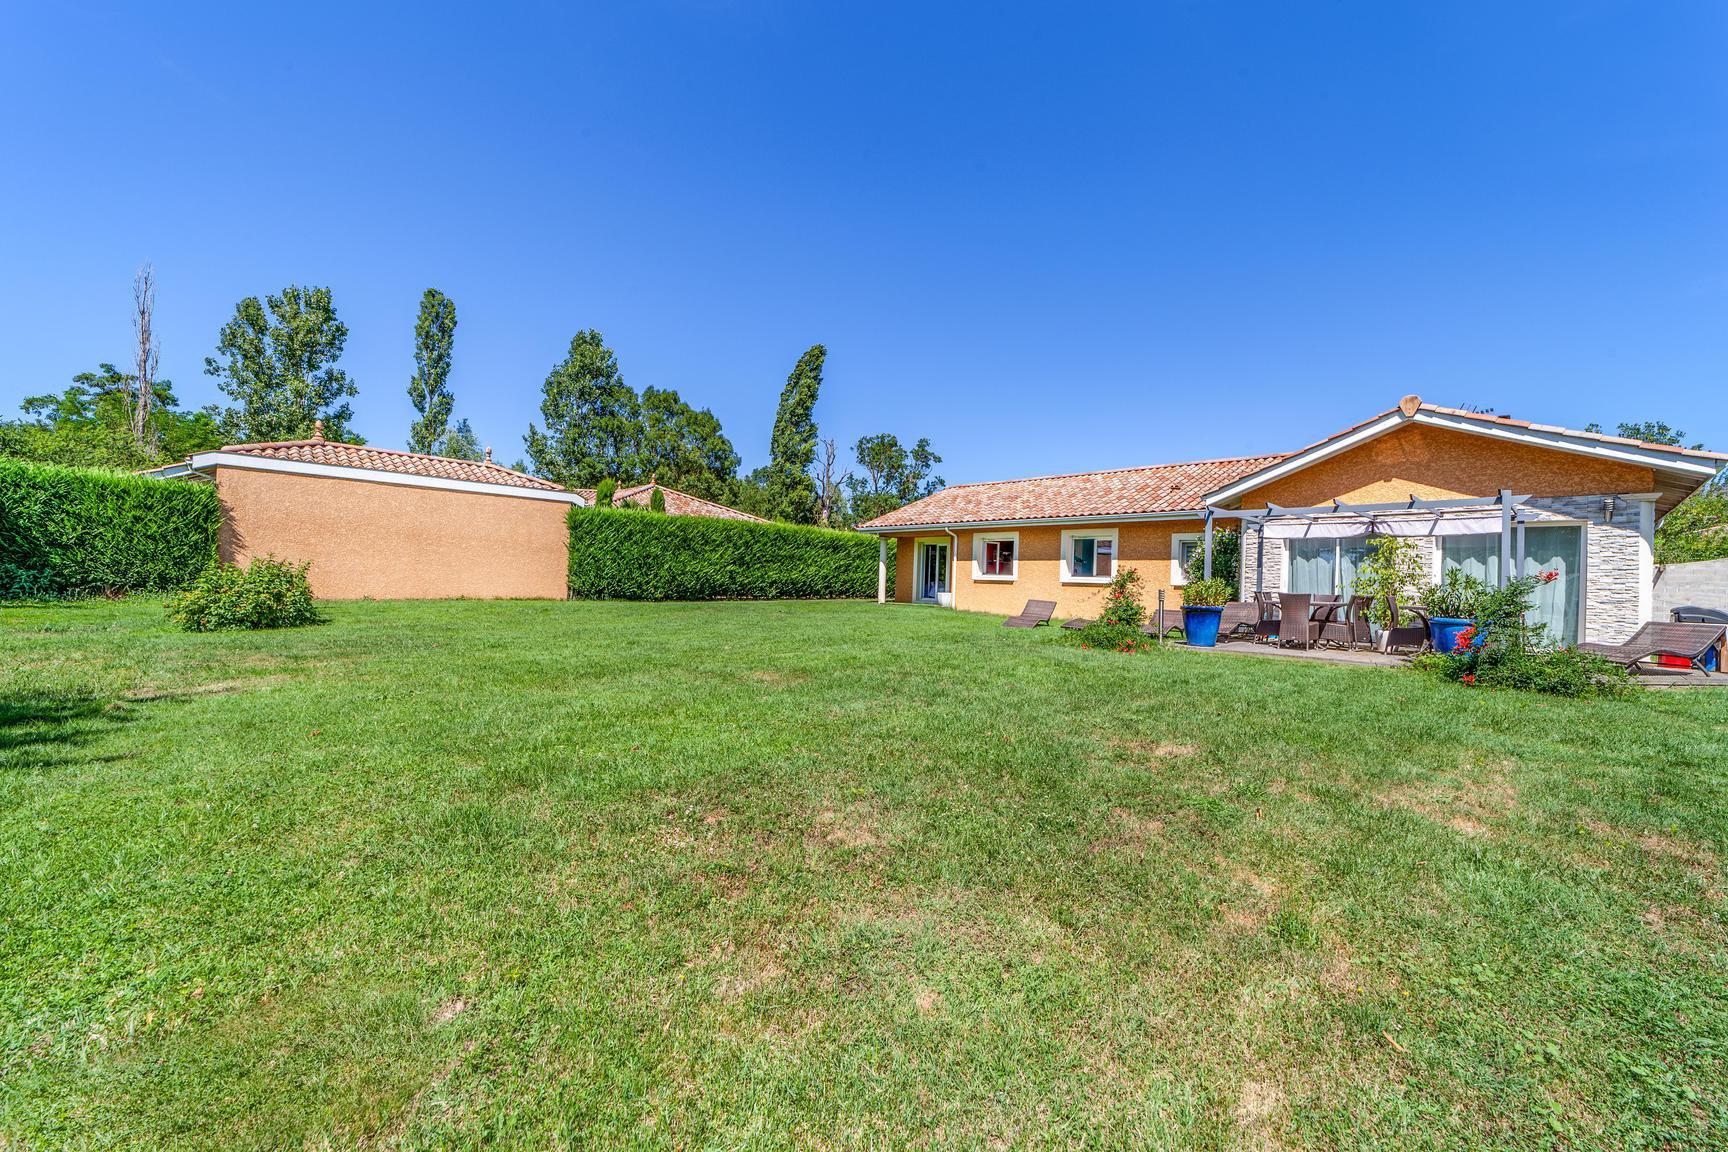 Villa de plain-pied sur terrain plat de 1120 m²